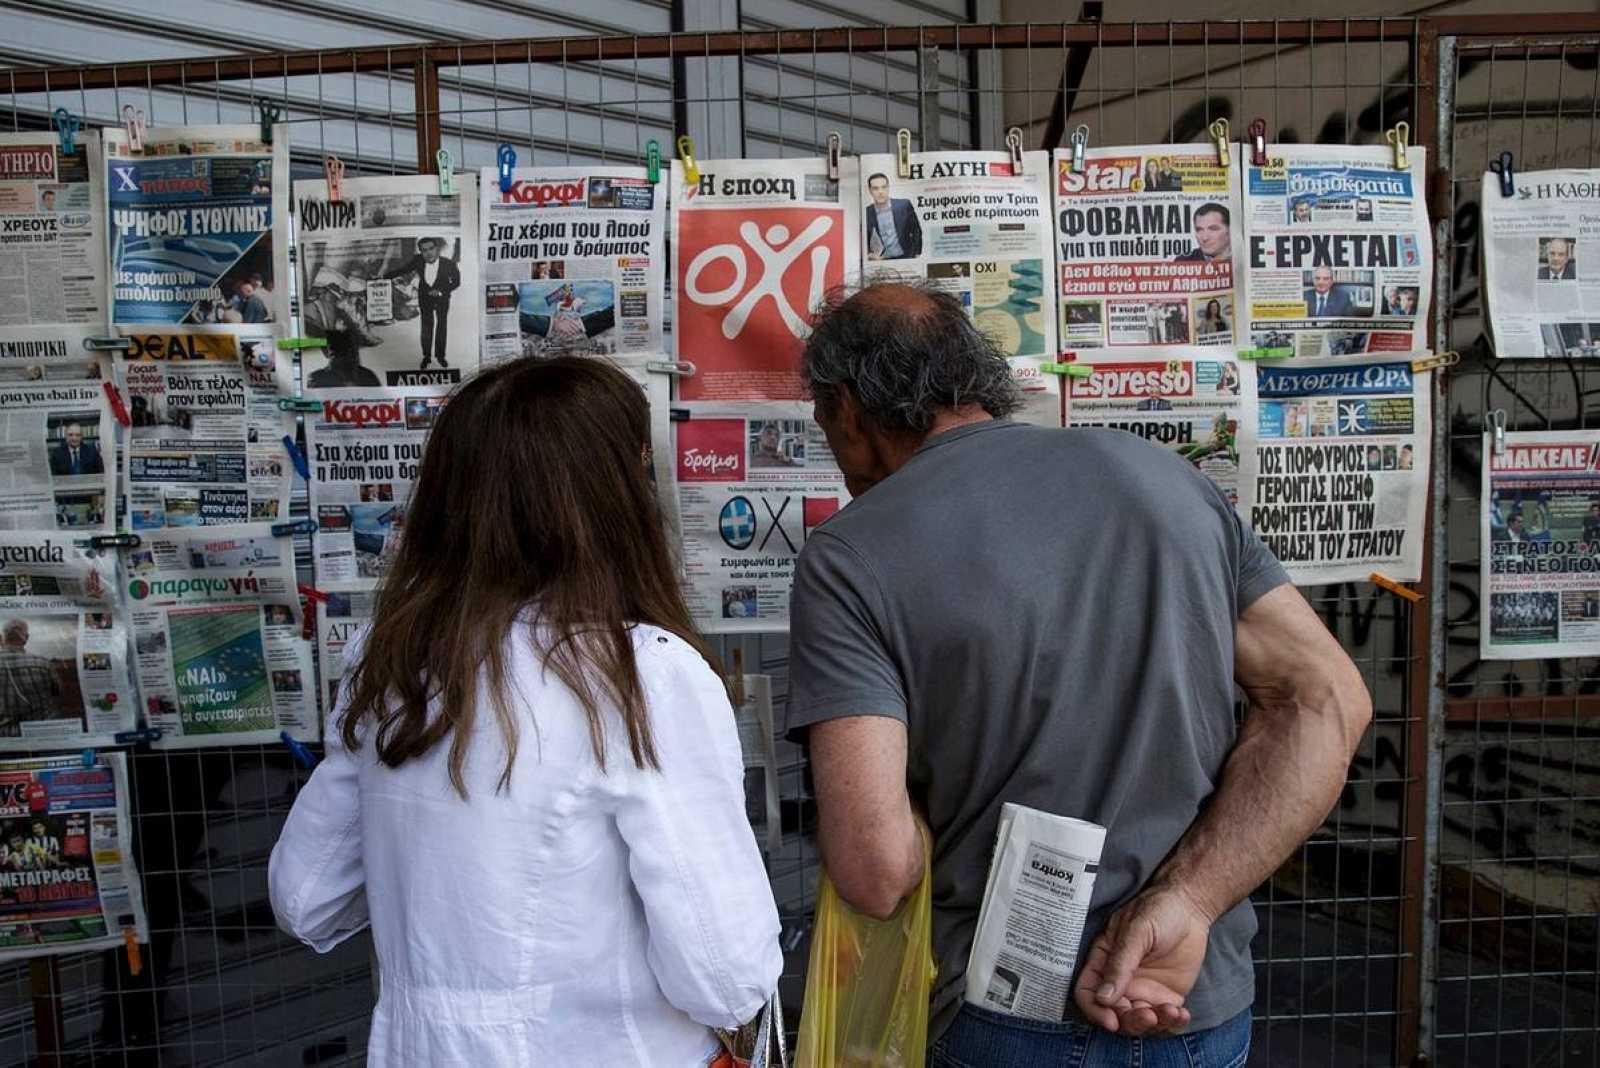 Las portadas de los periódicos griegos recogen las últimas encuestas del referéndum del domingo.